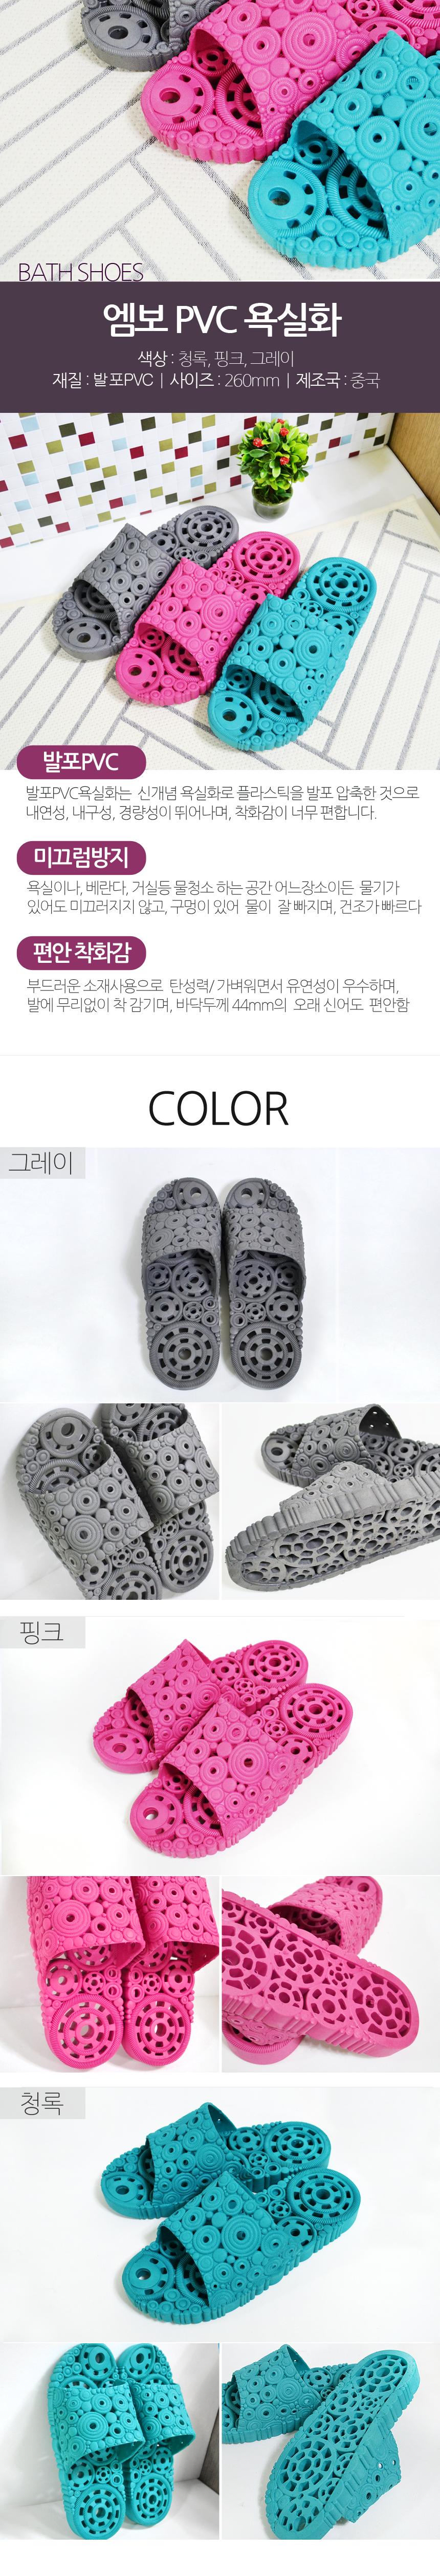 엠보 PVC욕실화 - 나이스데이, 6,800원, 샌들/슬리퍼, 슬리퍼